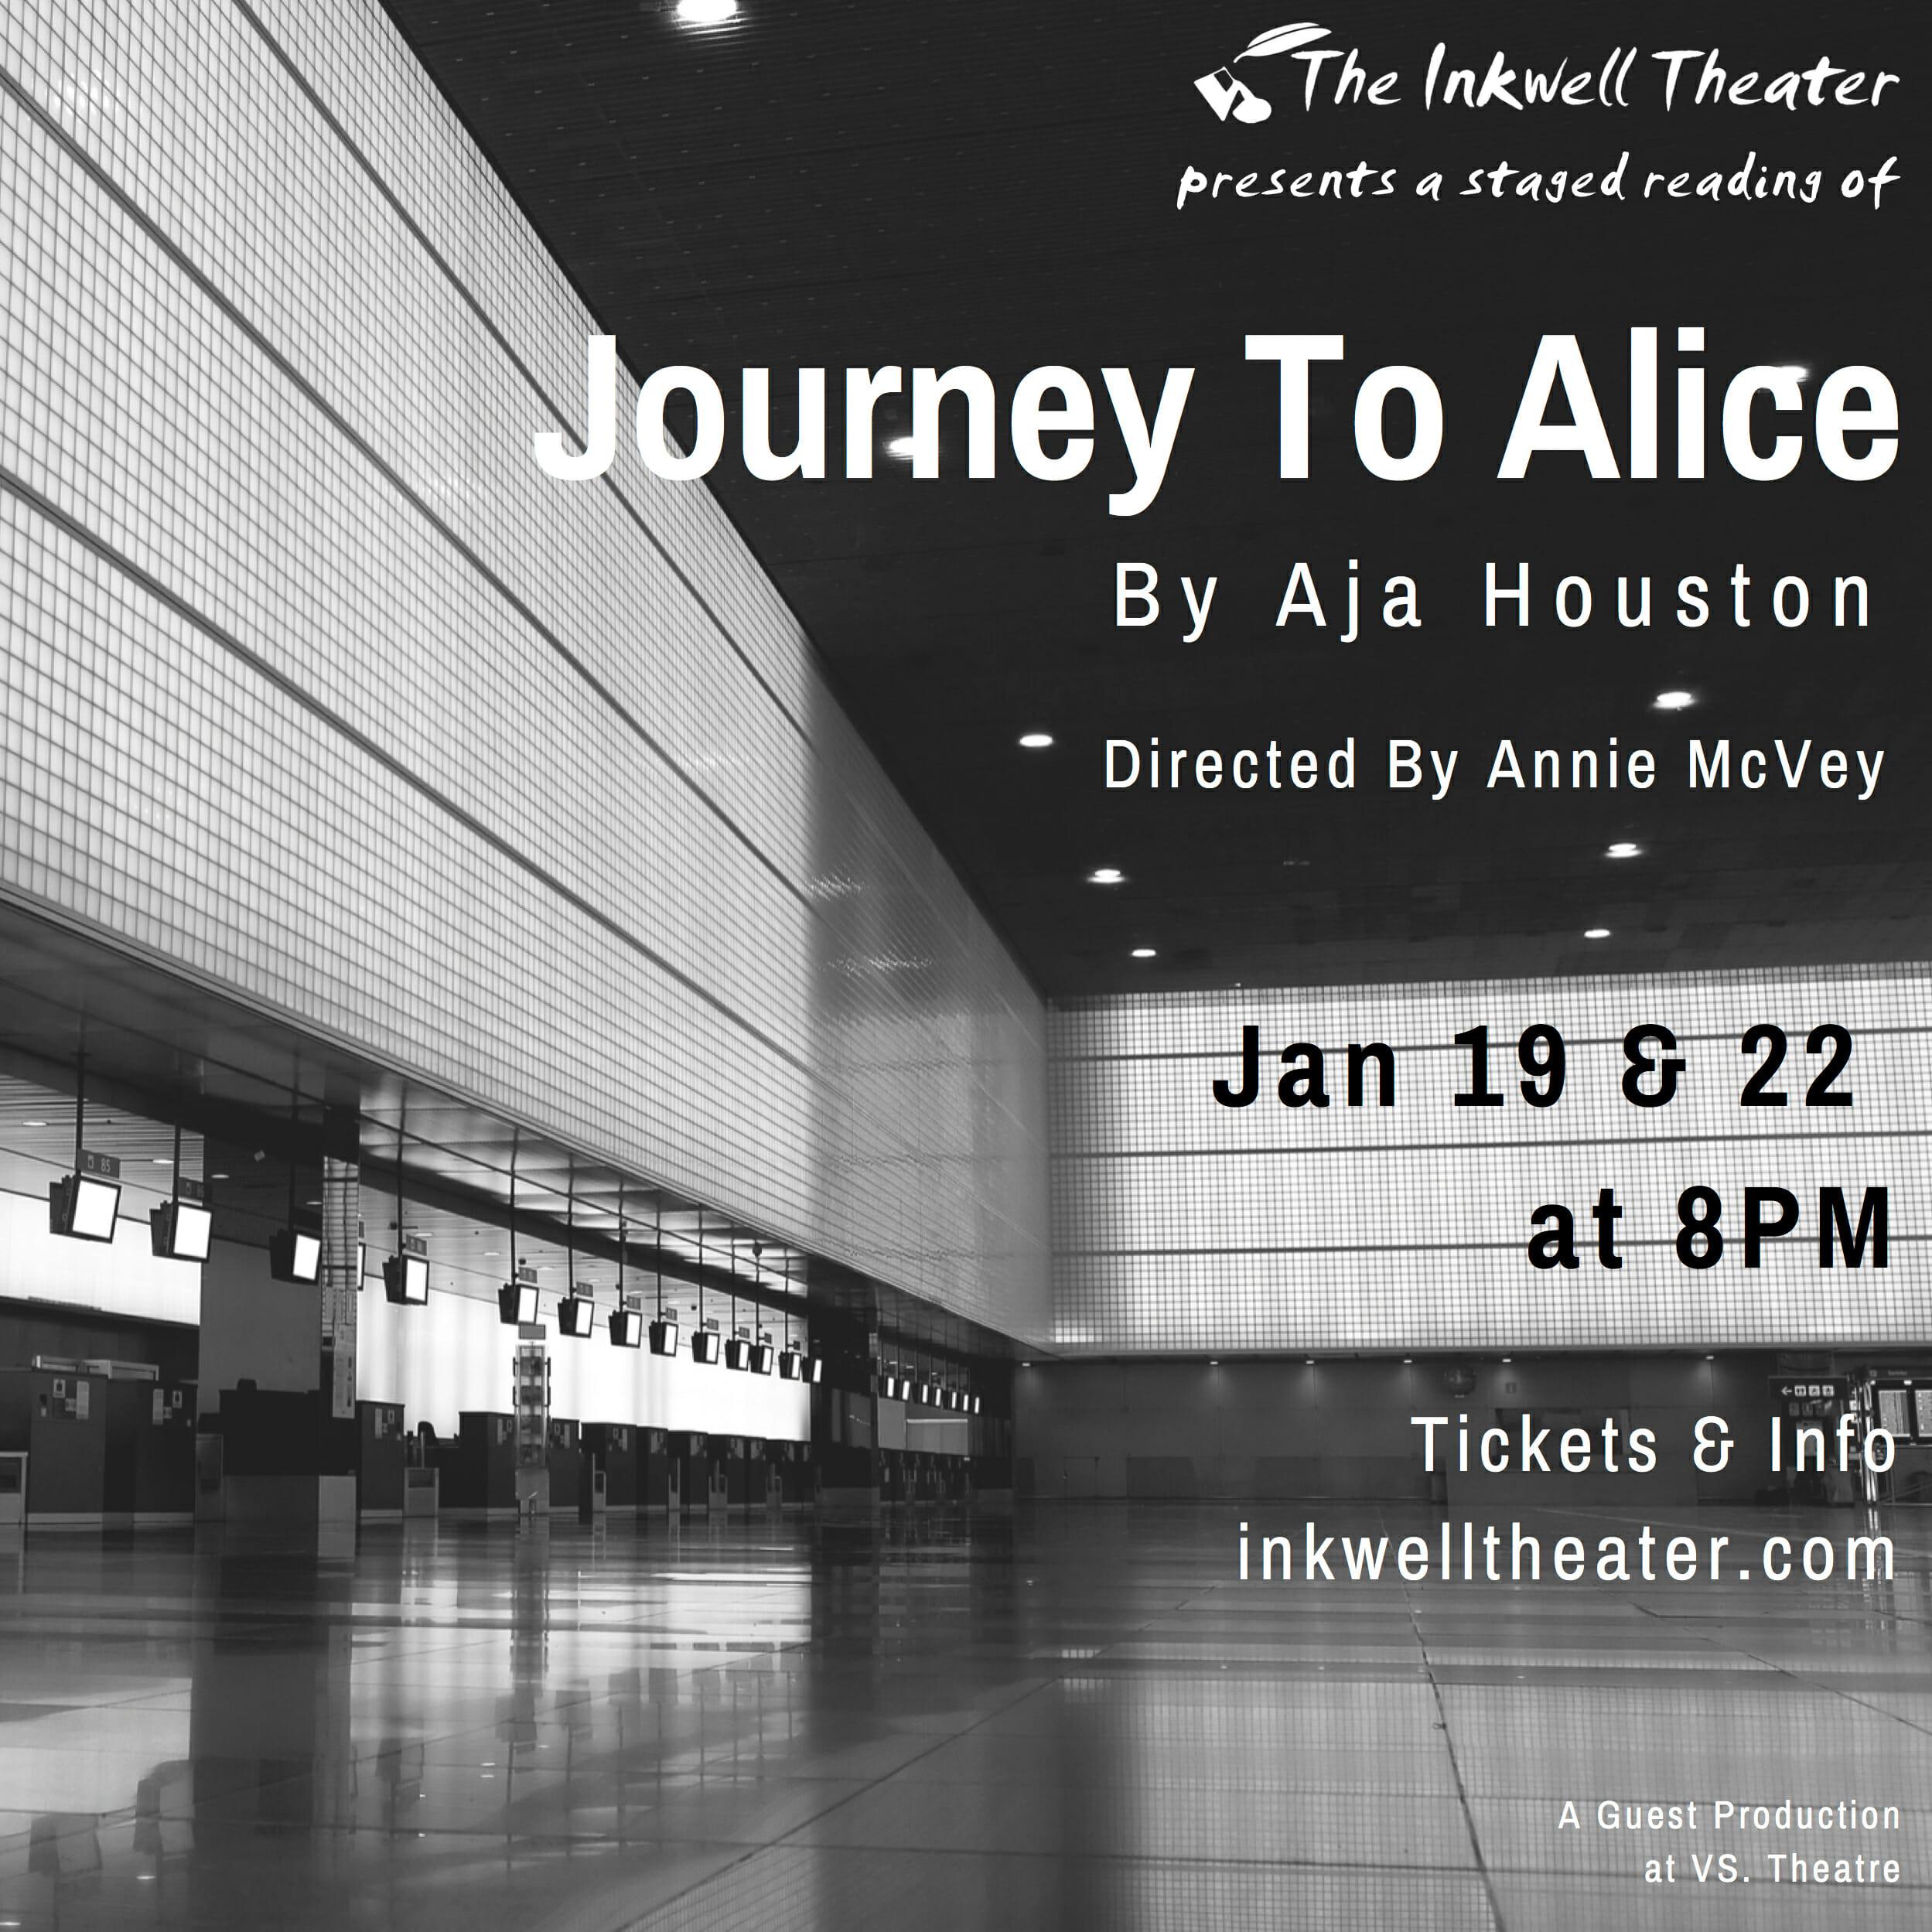 Journey to Alice